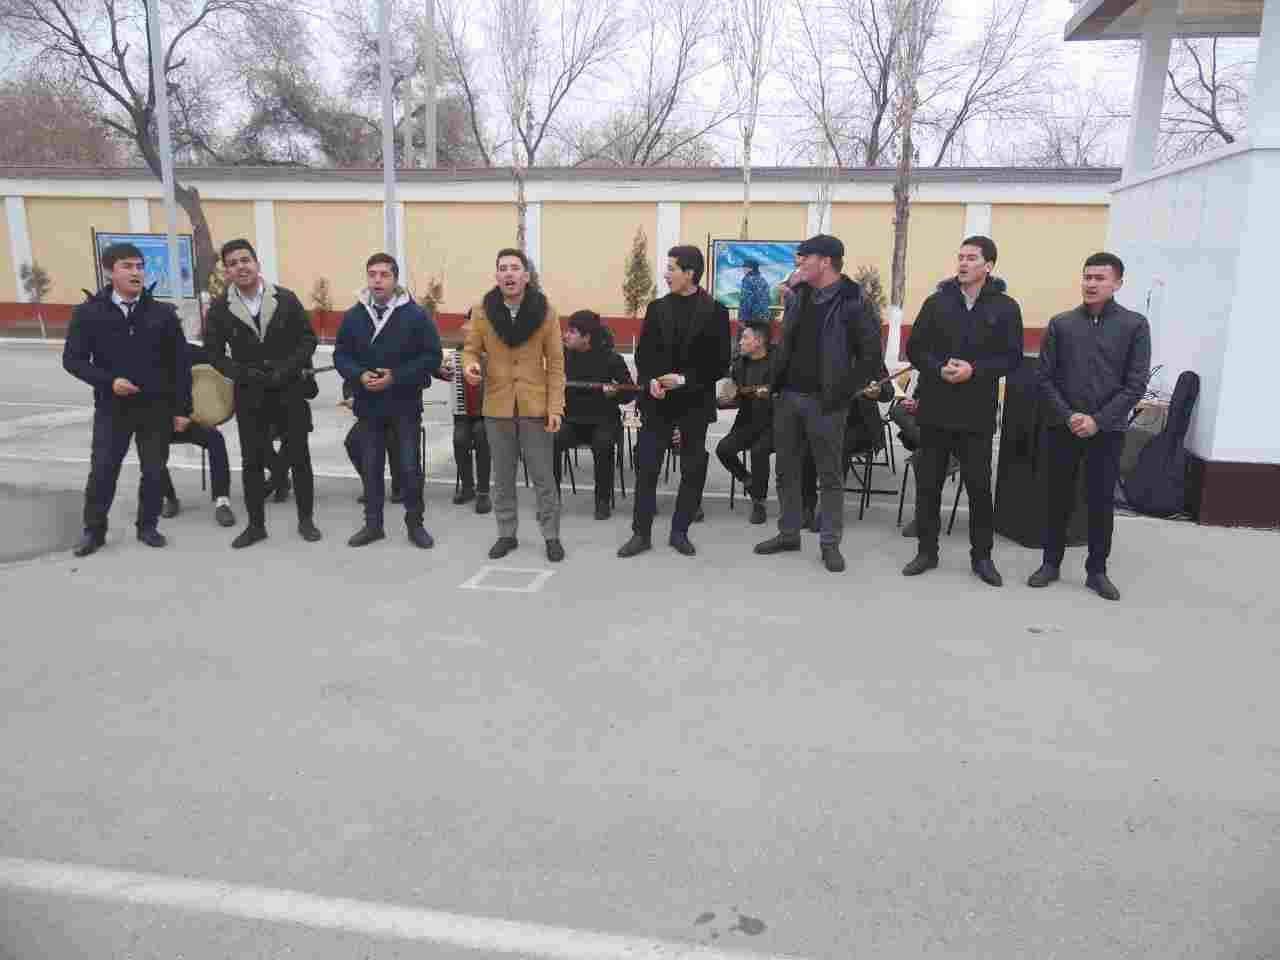 1 5 - Талантлы студентлер әскерий бөлимде байрам концертин шөлкемлестирди